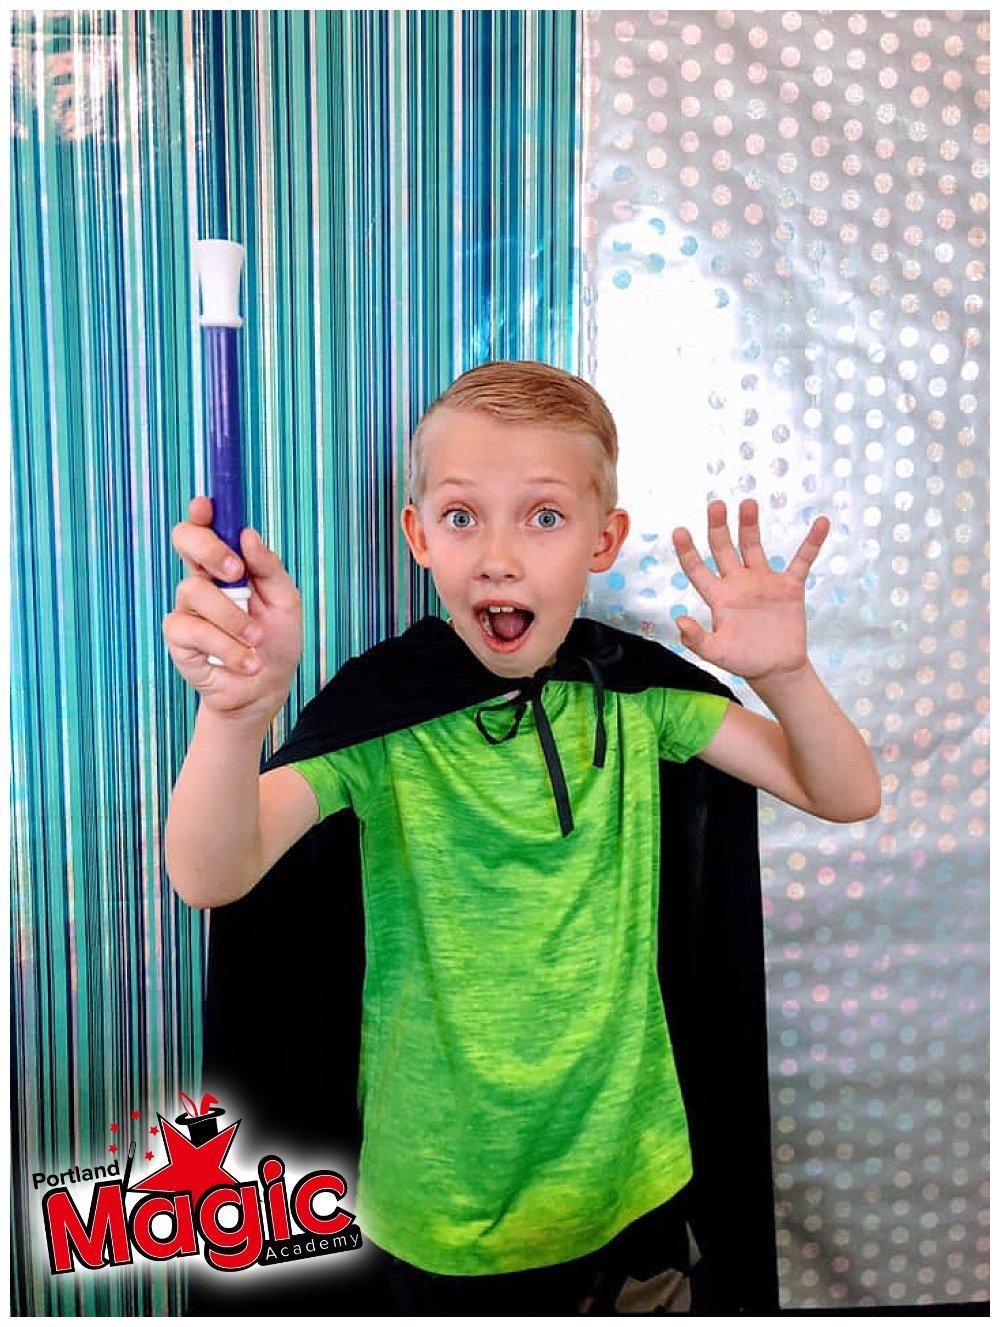 kid with magic wand